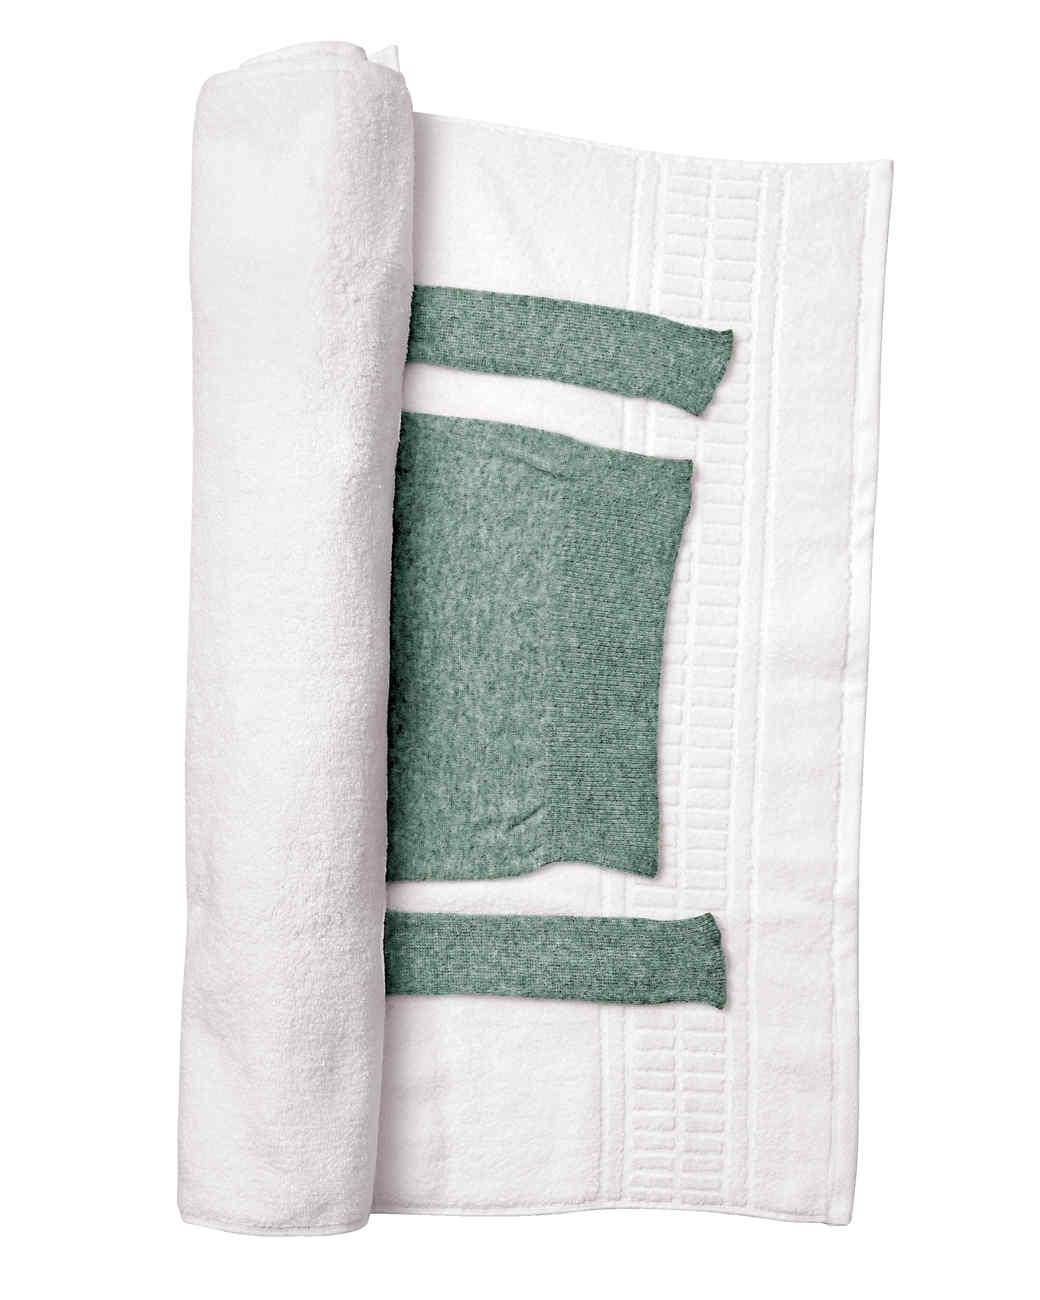 sweater-in-towel-150-d111589-r.jpg